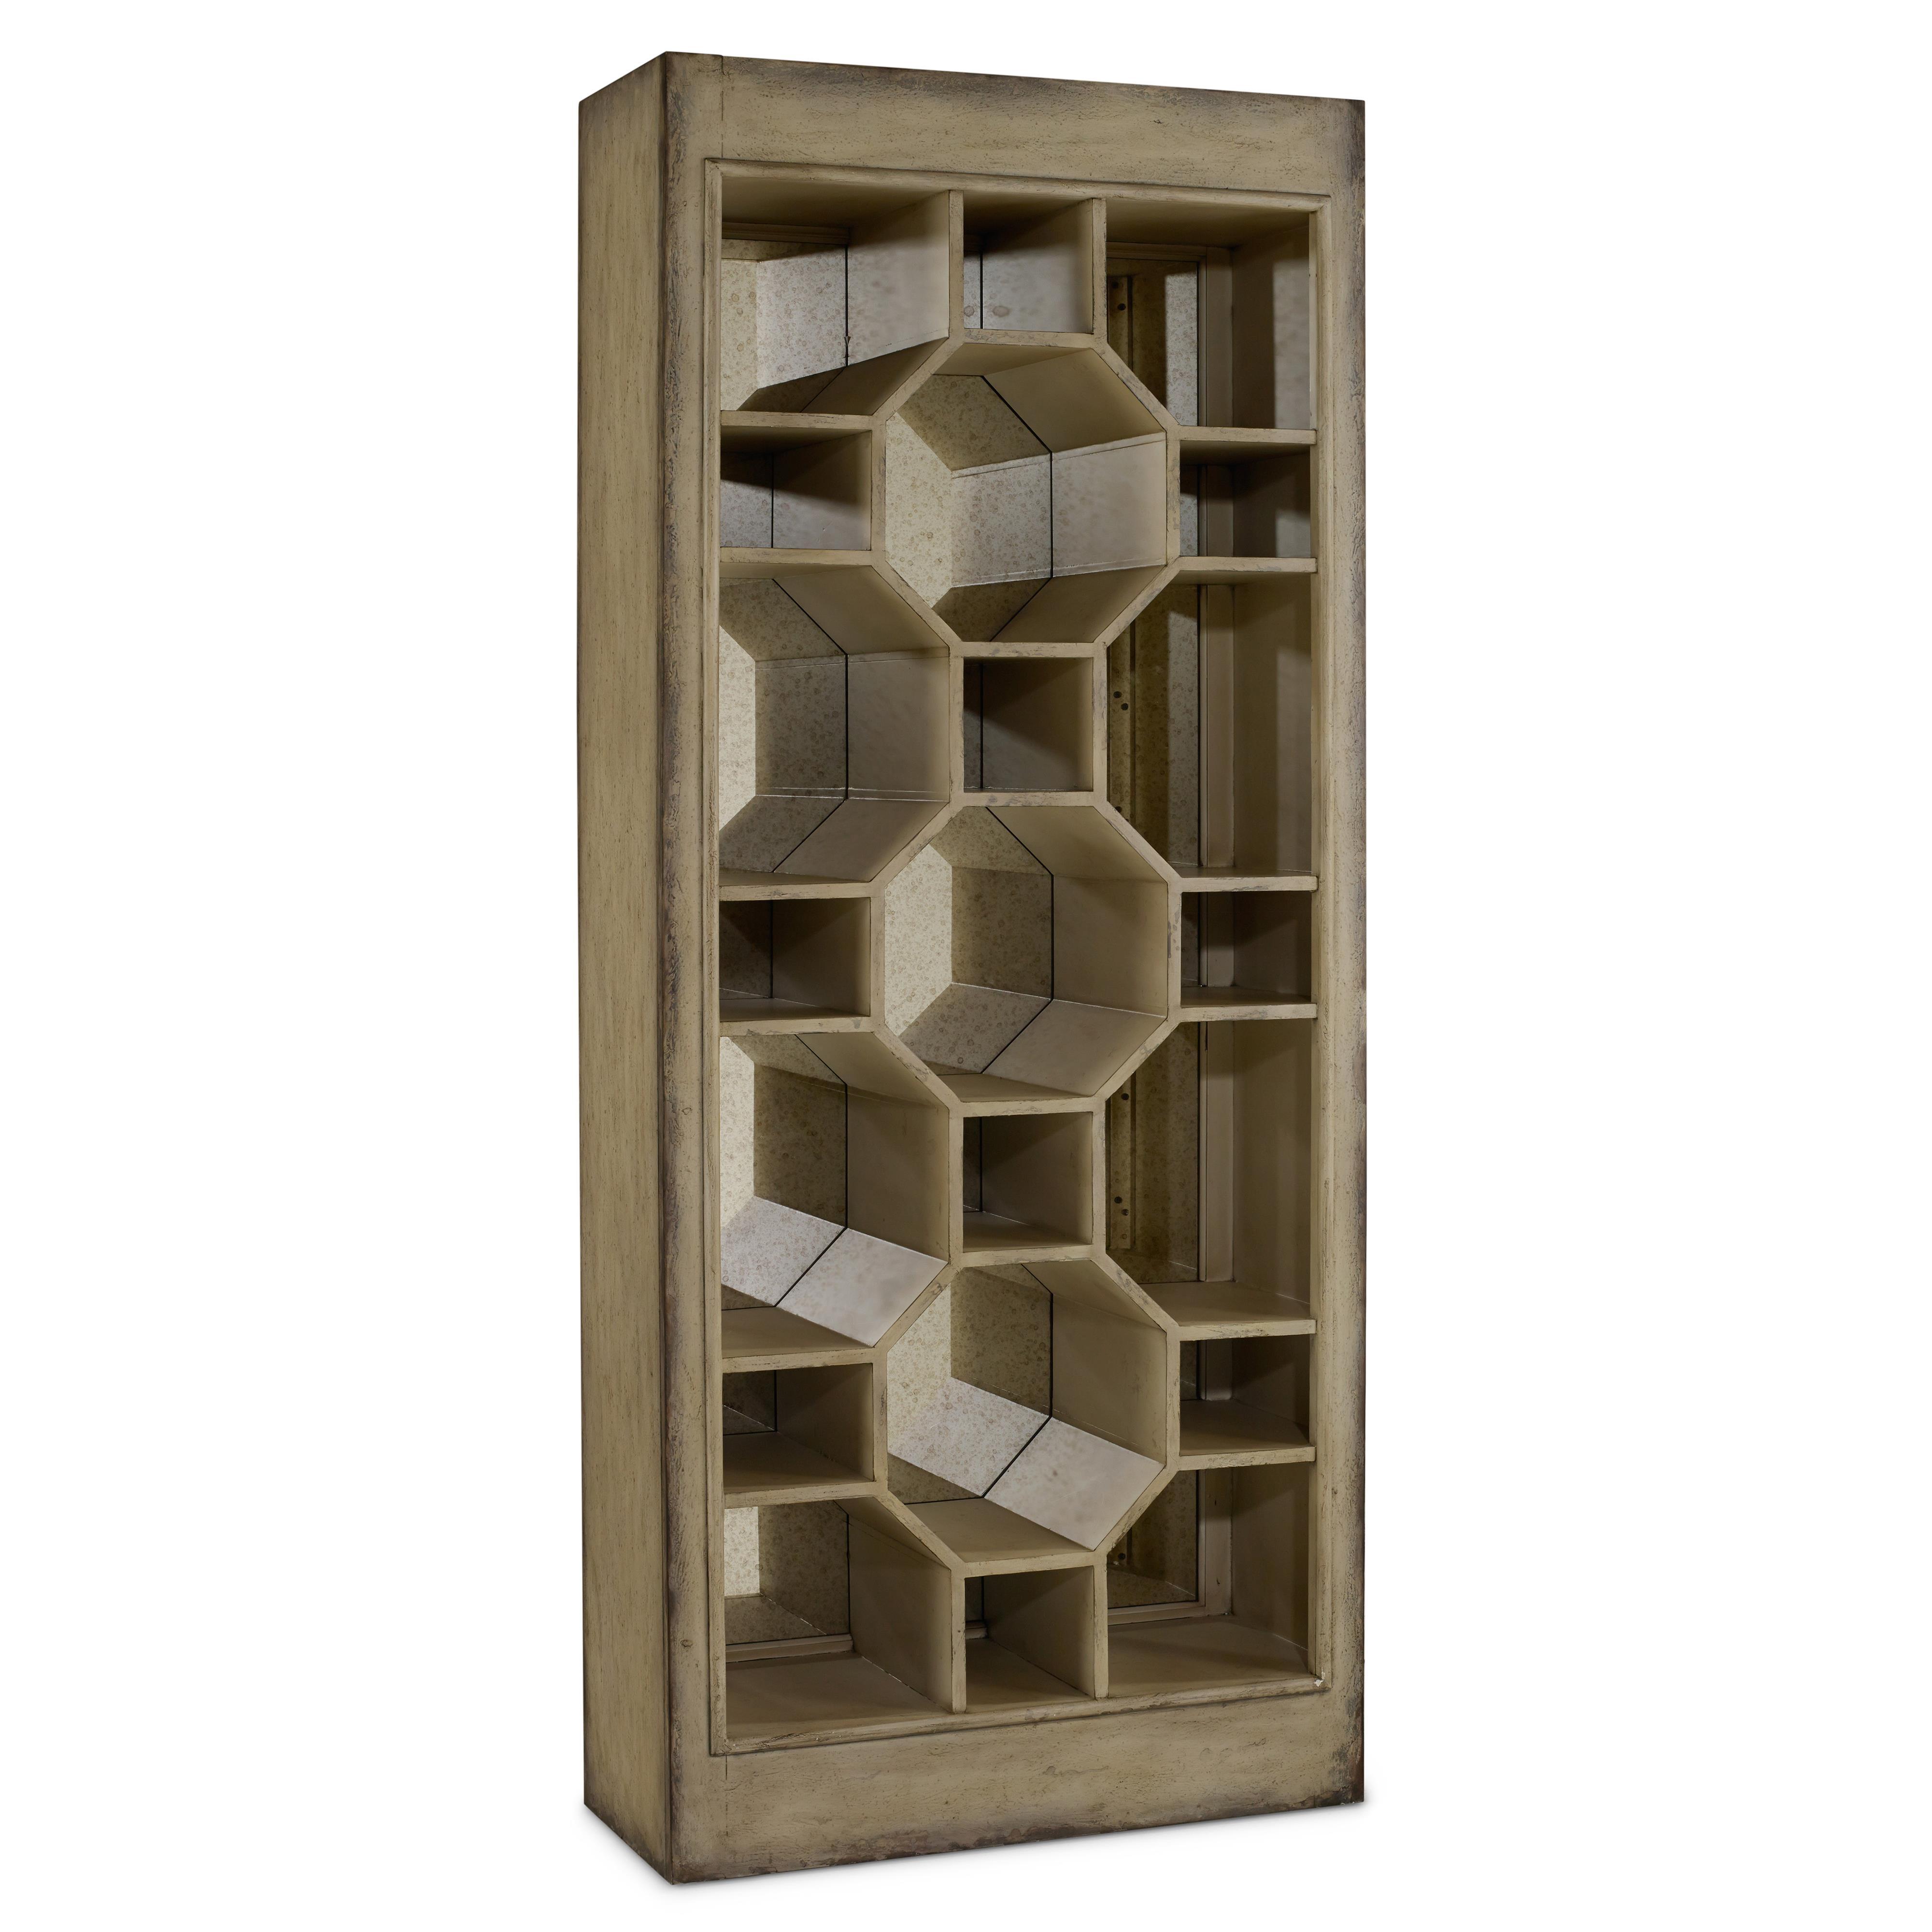 Melange Show-Off Display Cabinet by Hooker Furniture at Fashion Furniture